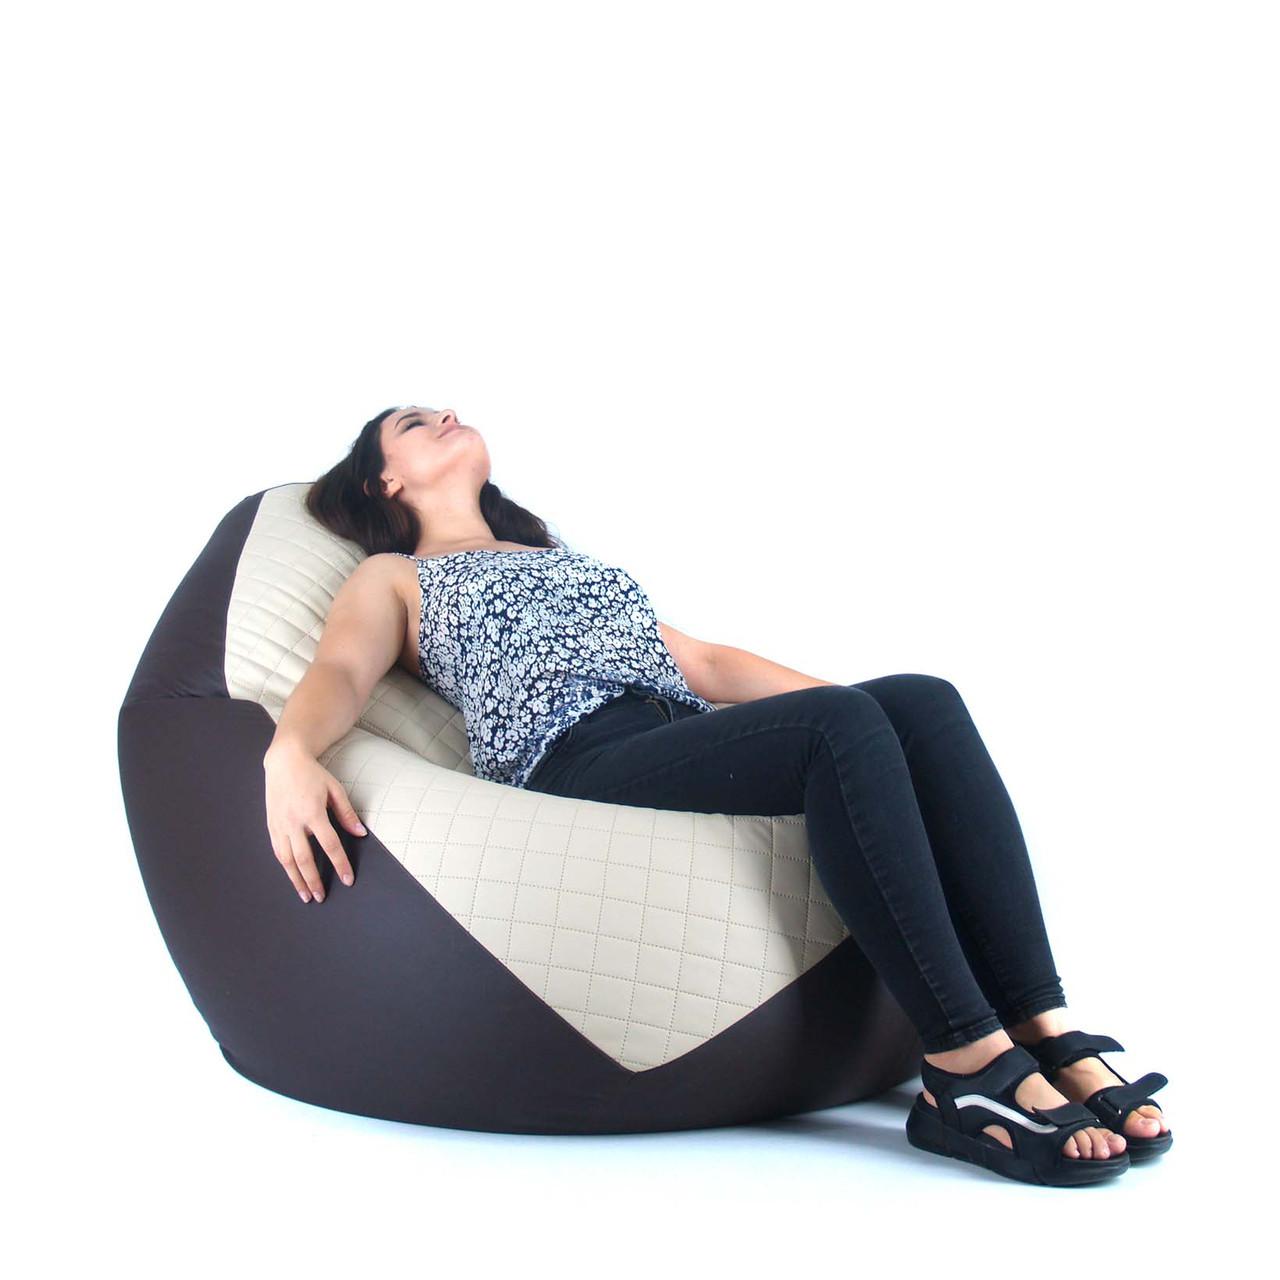 Кресло Мешок, бескаркасное кресло Овал от XL до XXL